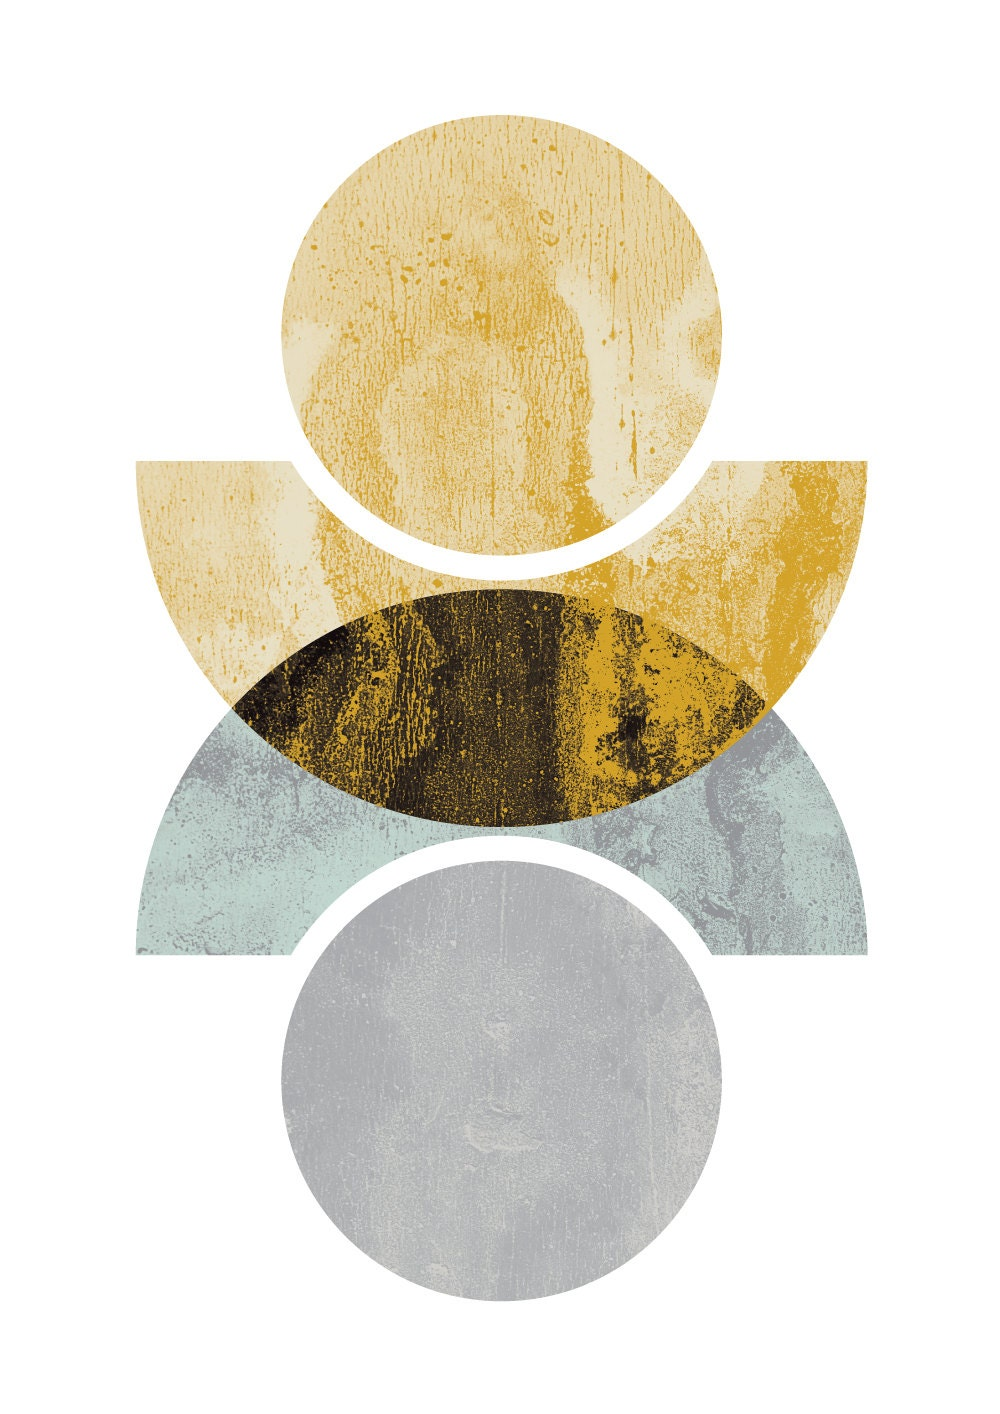 Reflected circles